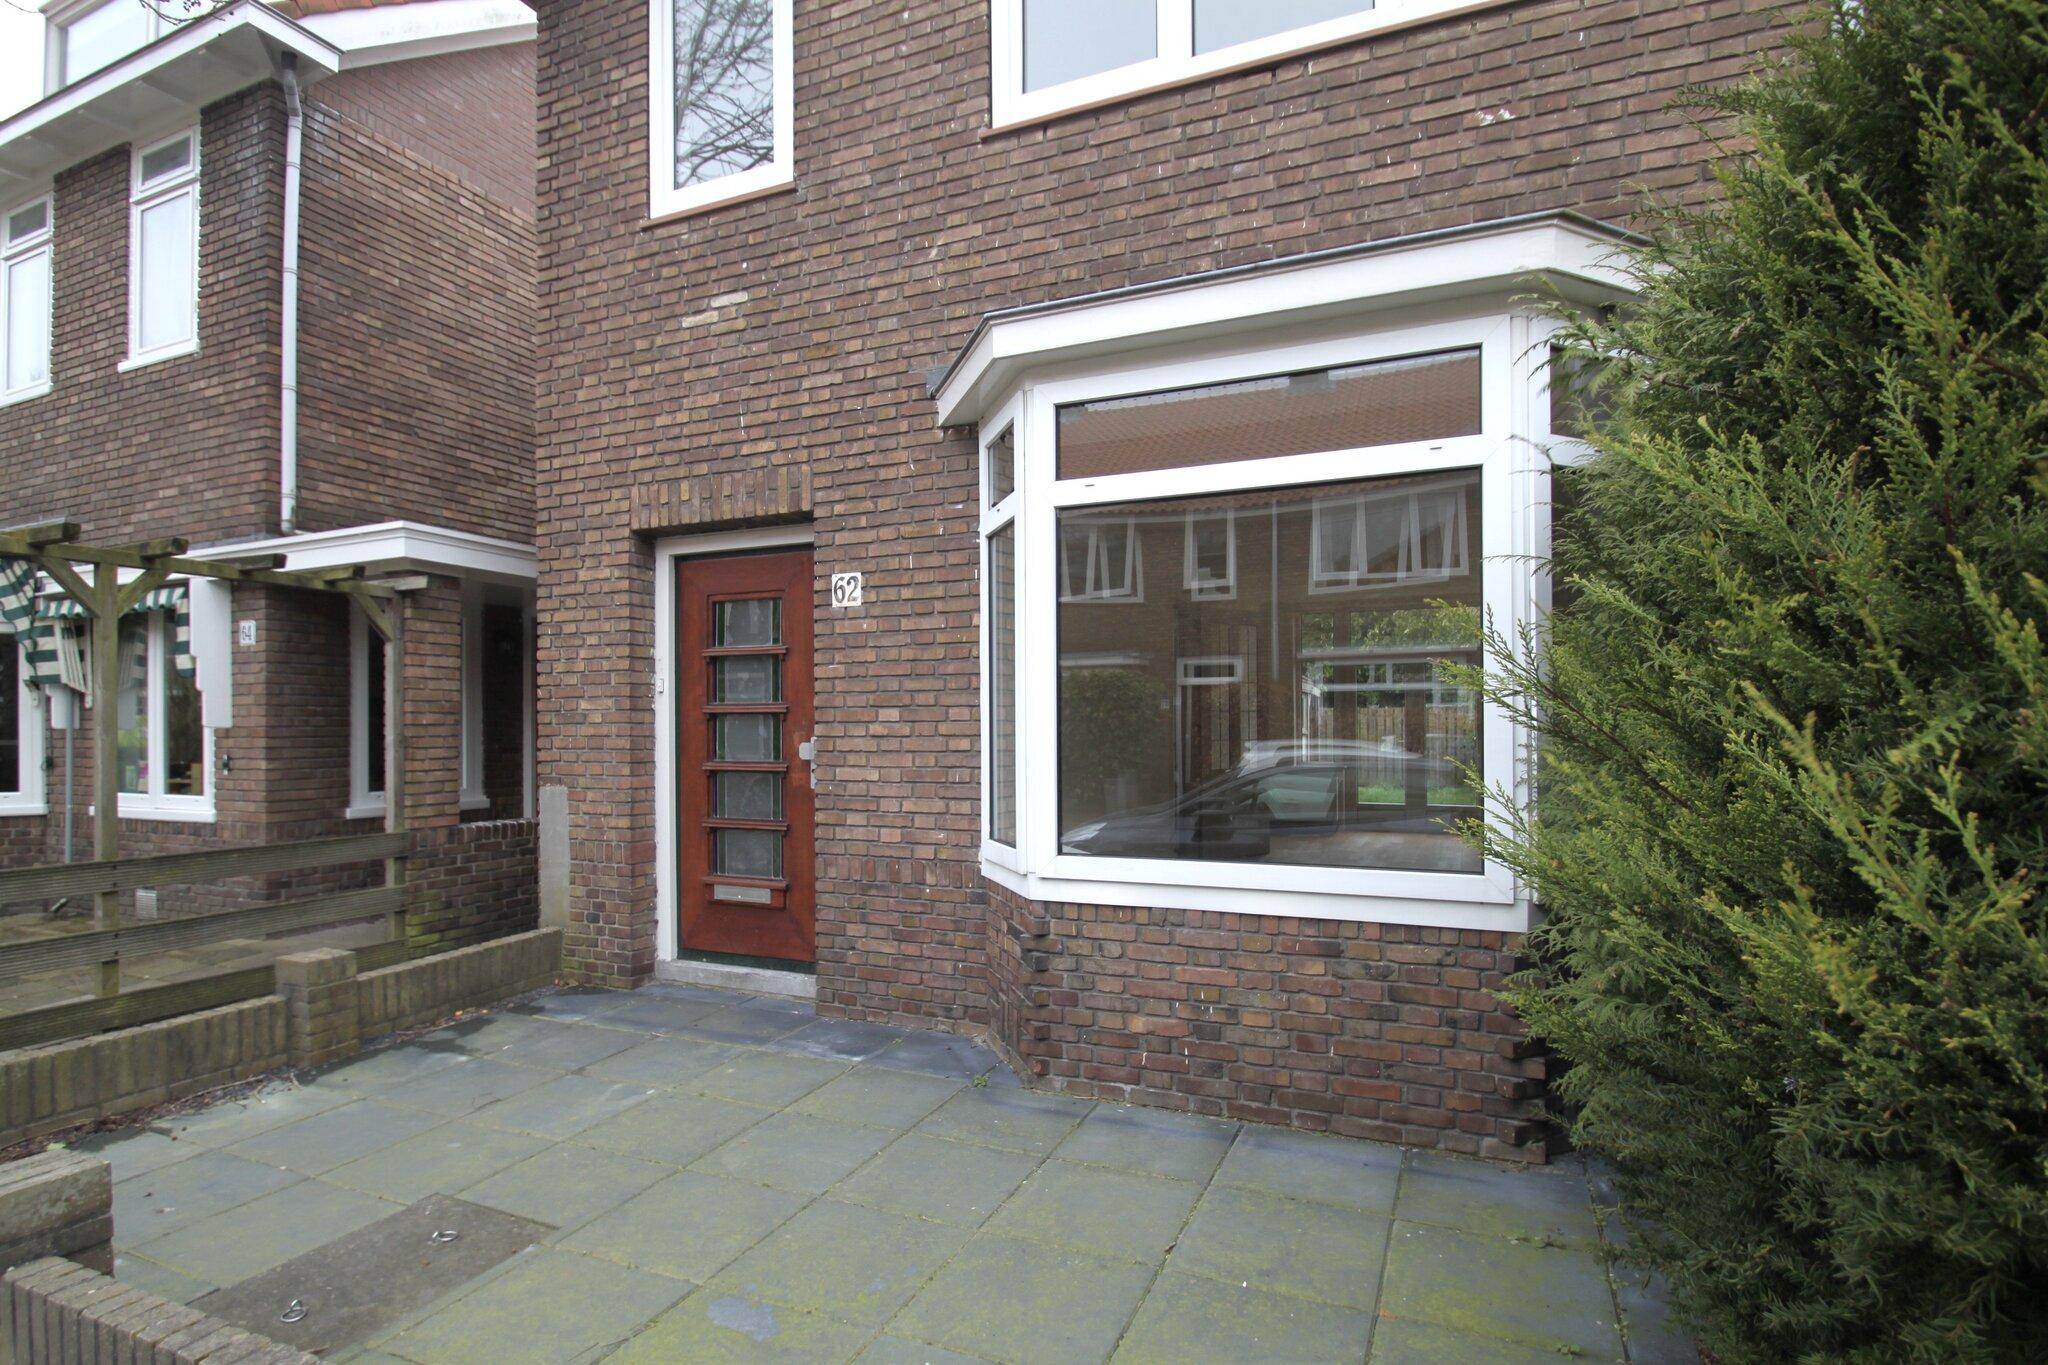 Te huur : Woonhuis Professor Van der Waalsstraat 62 in Haarlem